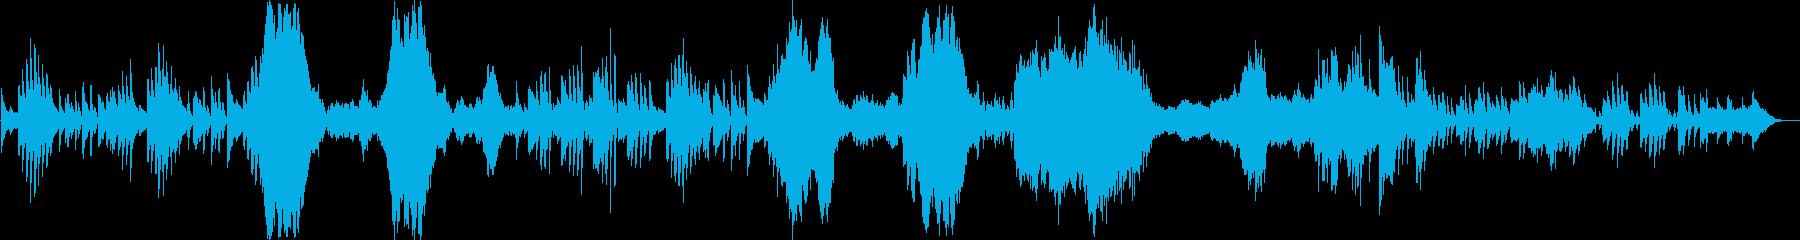 ピアノ協奏曲第20番第2楽章の再生済みの波形